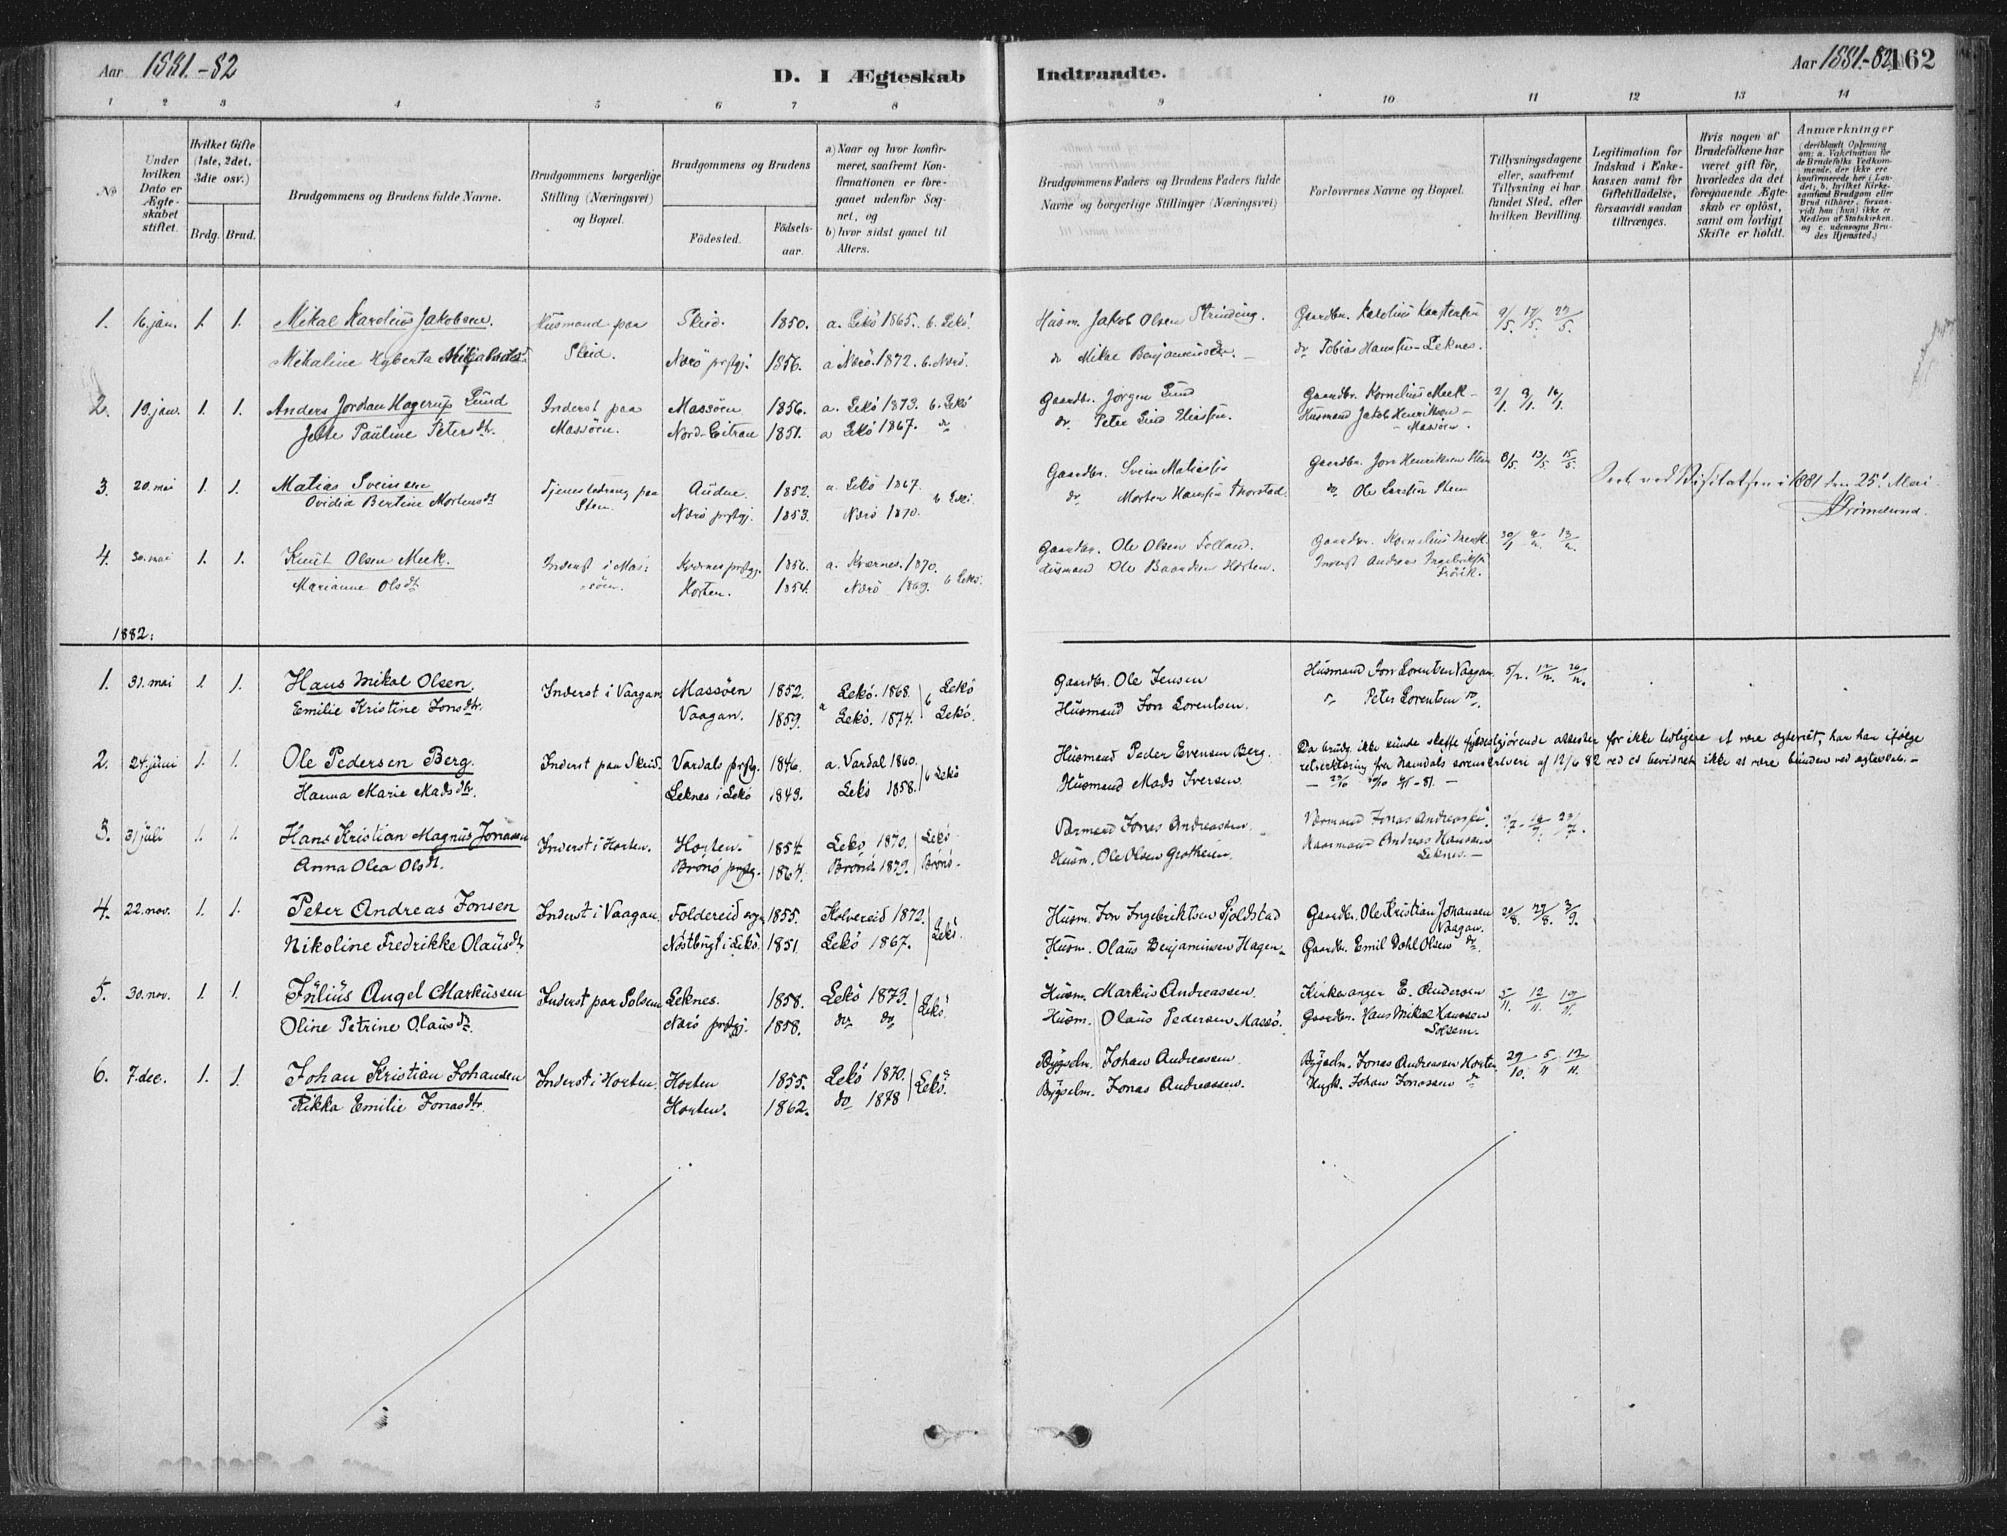 SAT, Ministerialprotokoller, klokkerbøker og fødselsregistre - Nord-Trøndelag, 788/L0697: Ministerialbok nr. 788A04, 1878-1902, s. 162